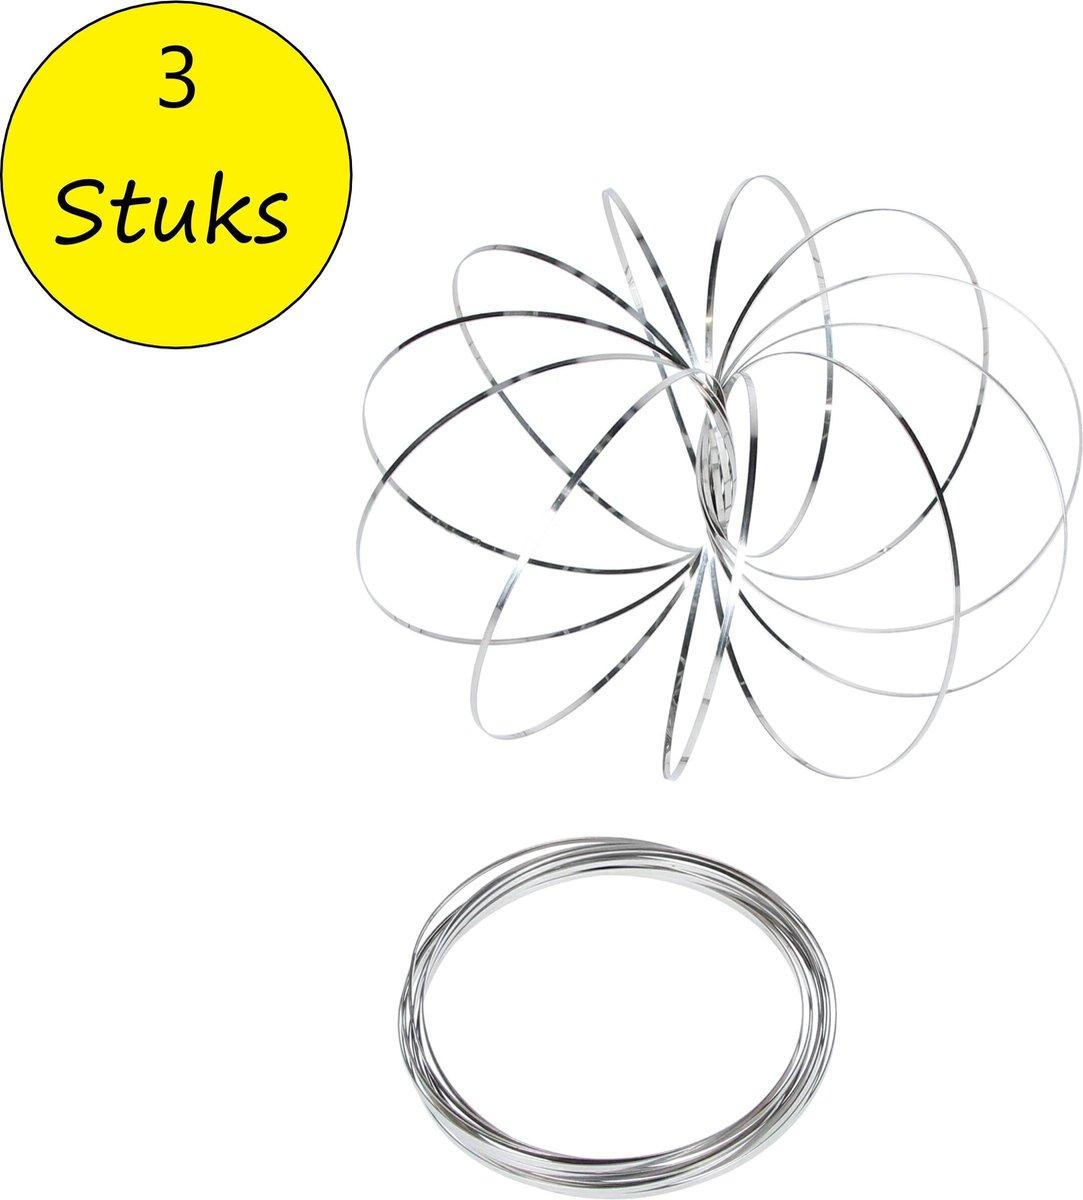 Magic flow ring |Spiraal bloem magische armband | 3D ringen set van 3 stuks 10cm